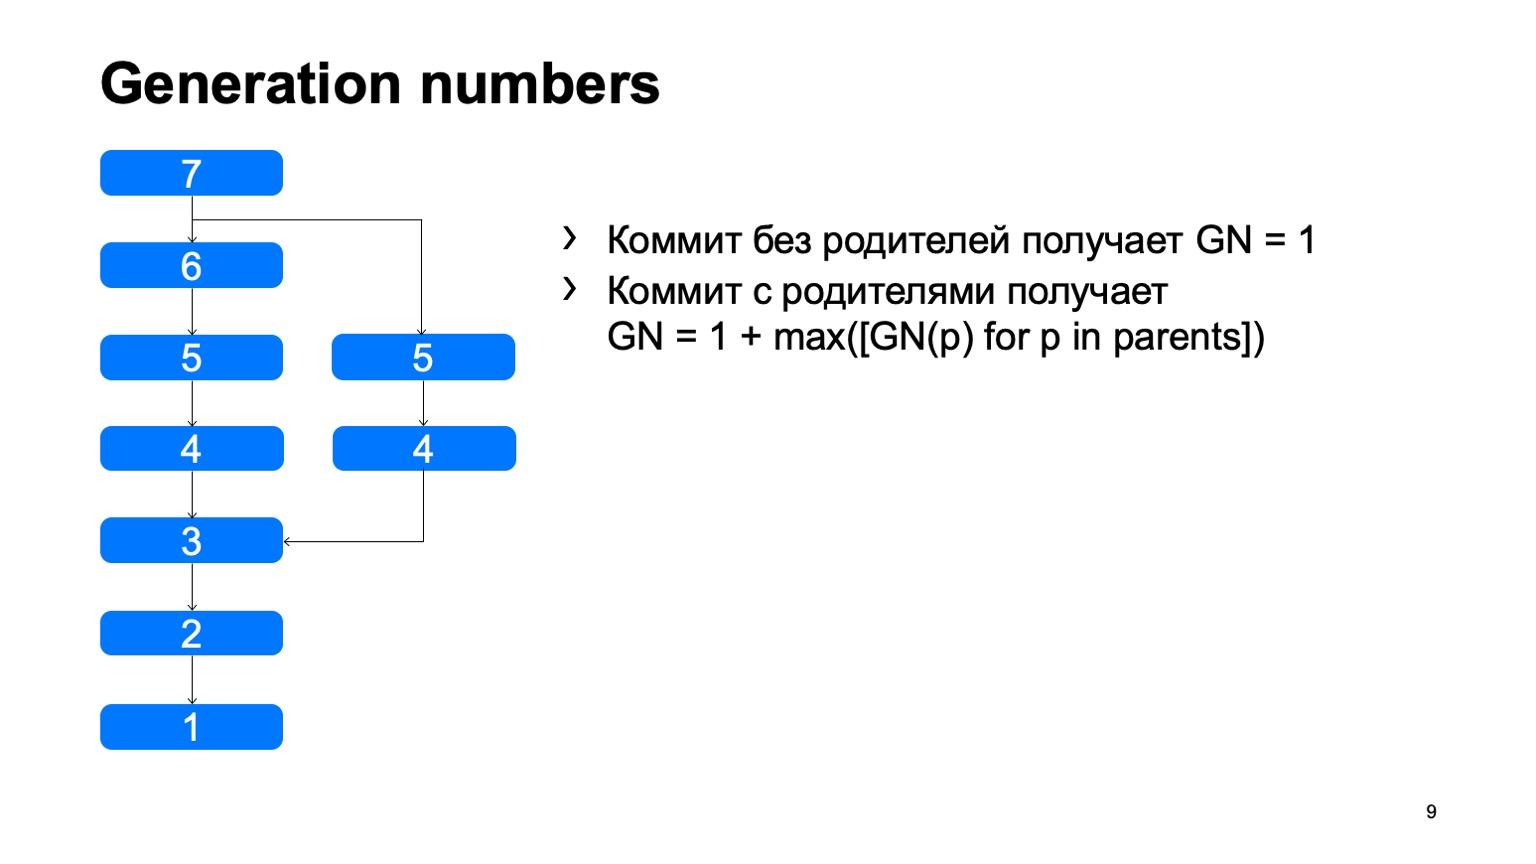 Arc — система контроля версий для монорепозитория. Доклад Яндекса - 9